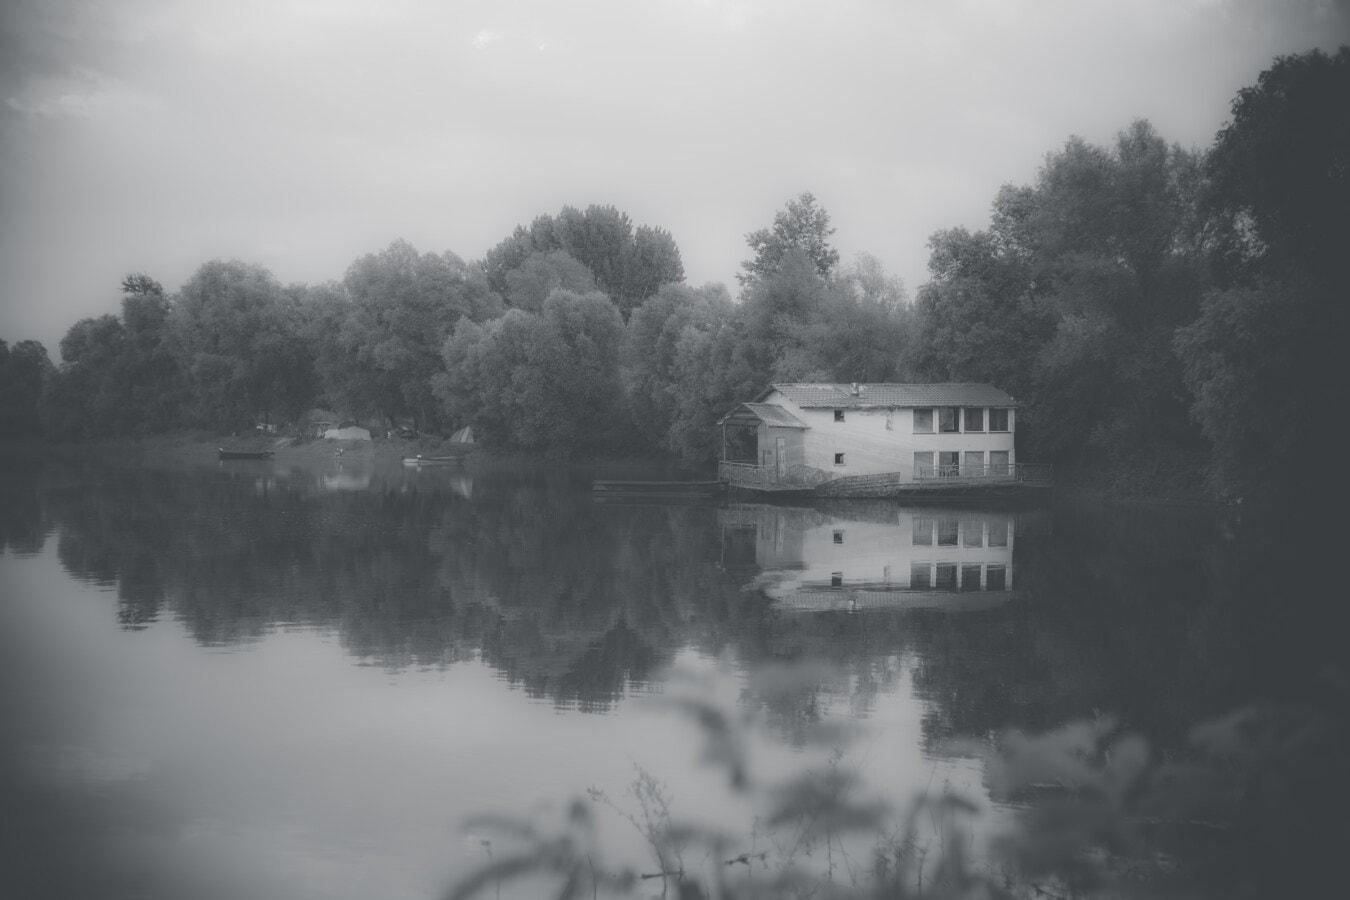 навес за лодки, Черно и бяло, Lakeside, идиличното, атмосфера, навес, архитектура, дърво, вода, пейзаж